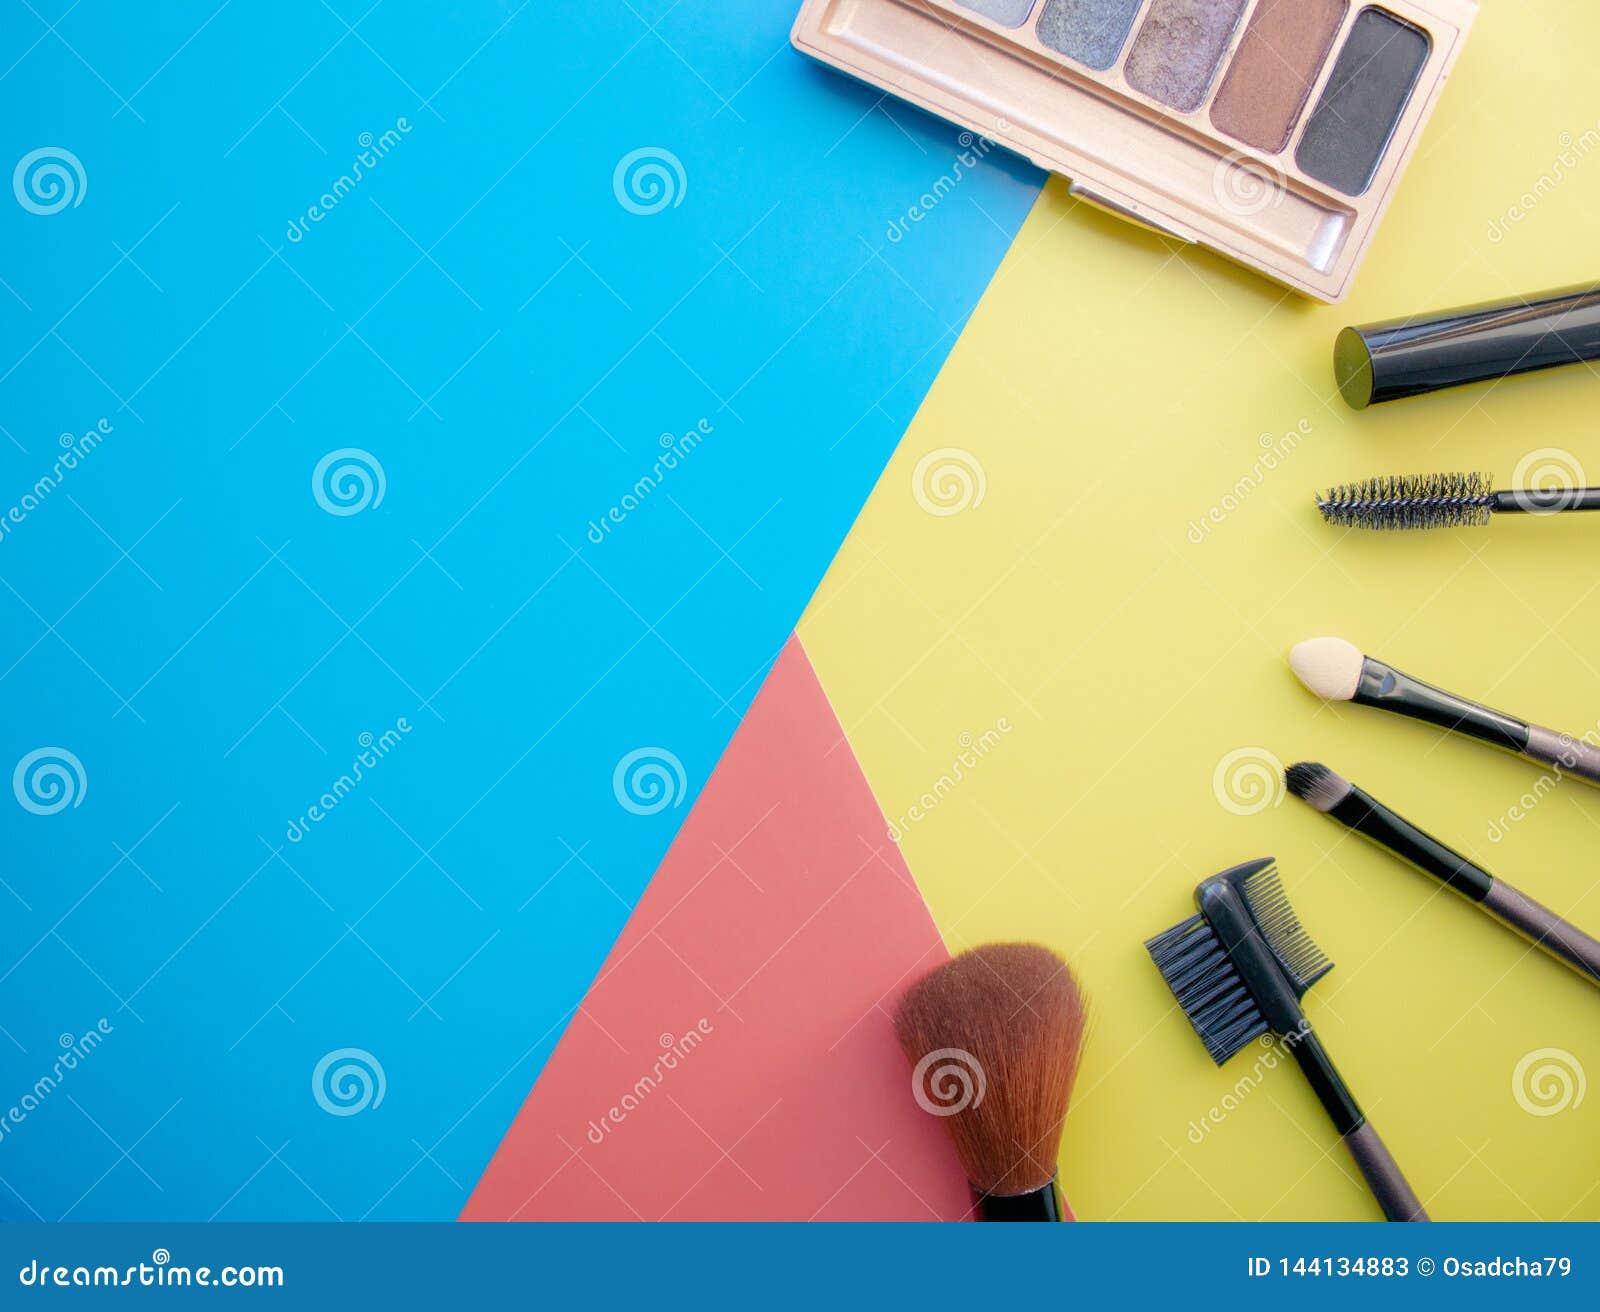 Trucco e spazzole di trucco, ombretti su un fondo colorato cosmetici per il fronte Con spazio vuoto a sinistra